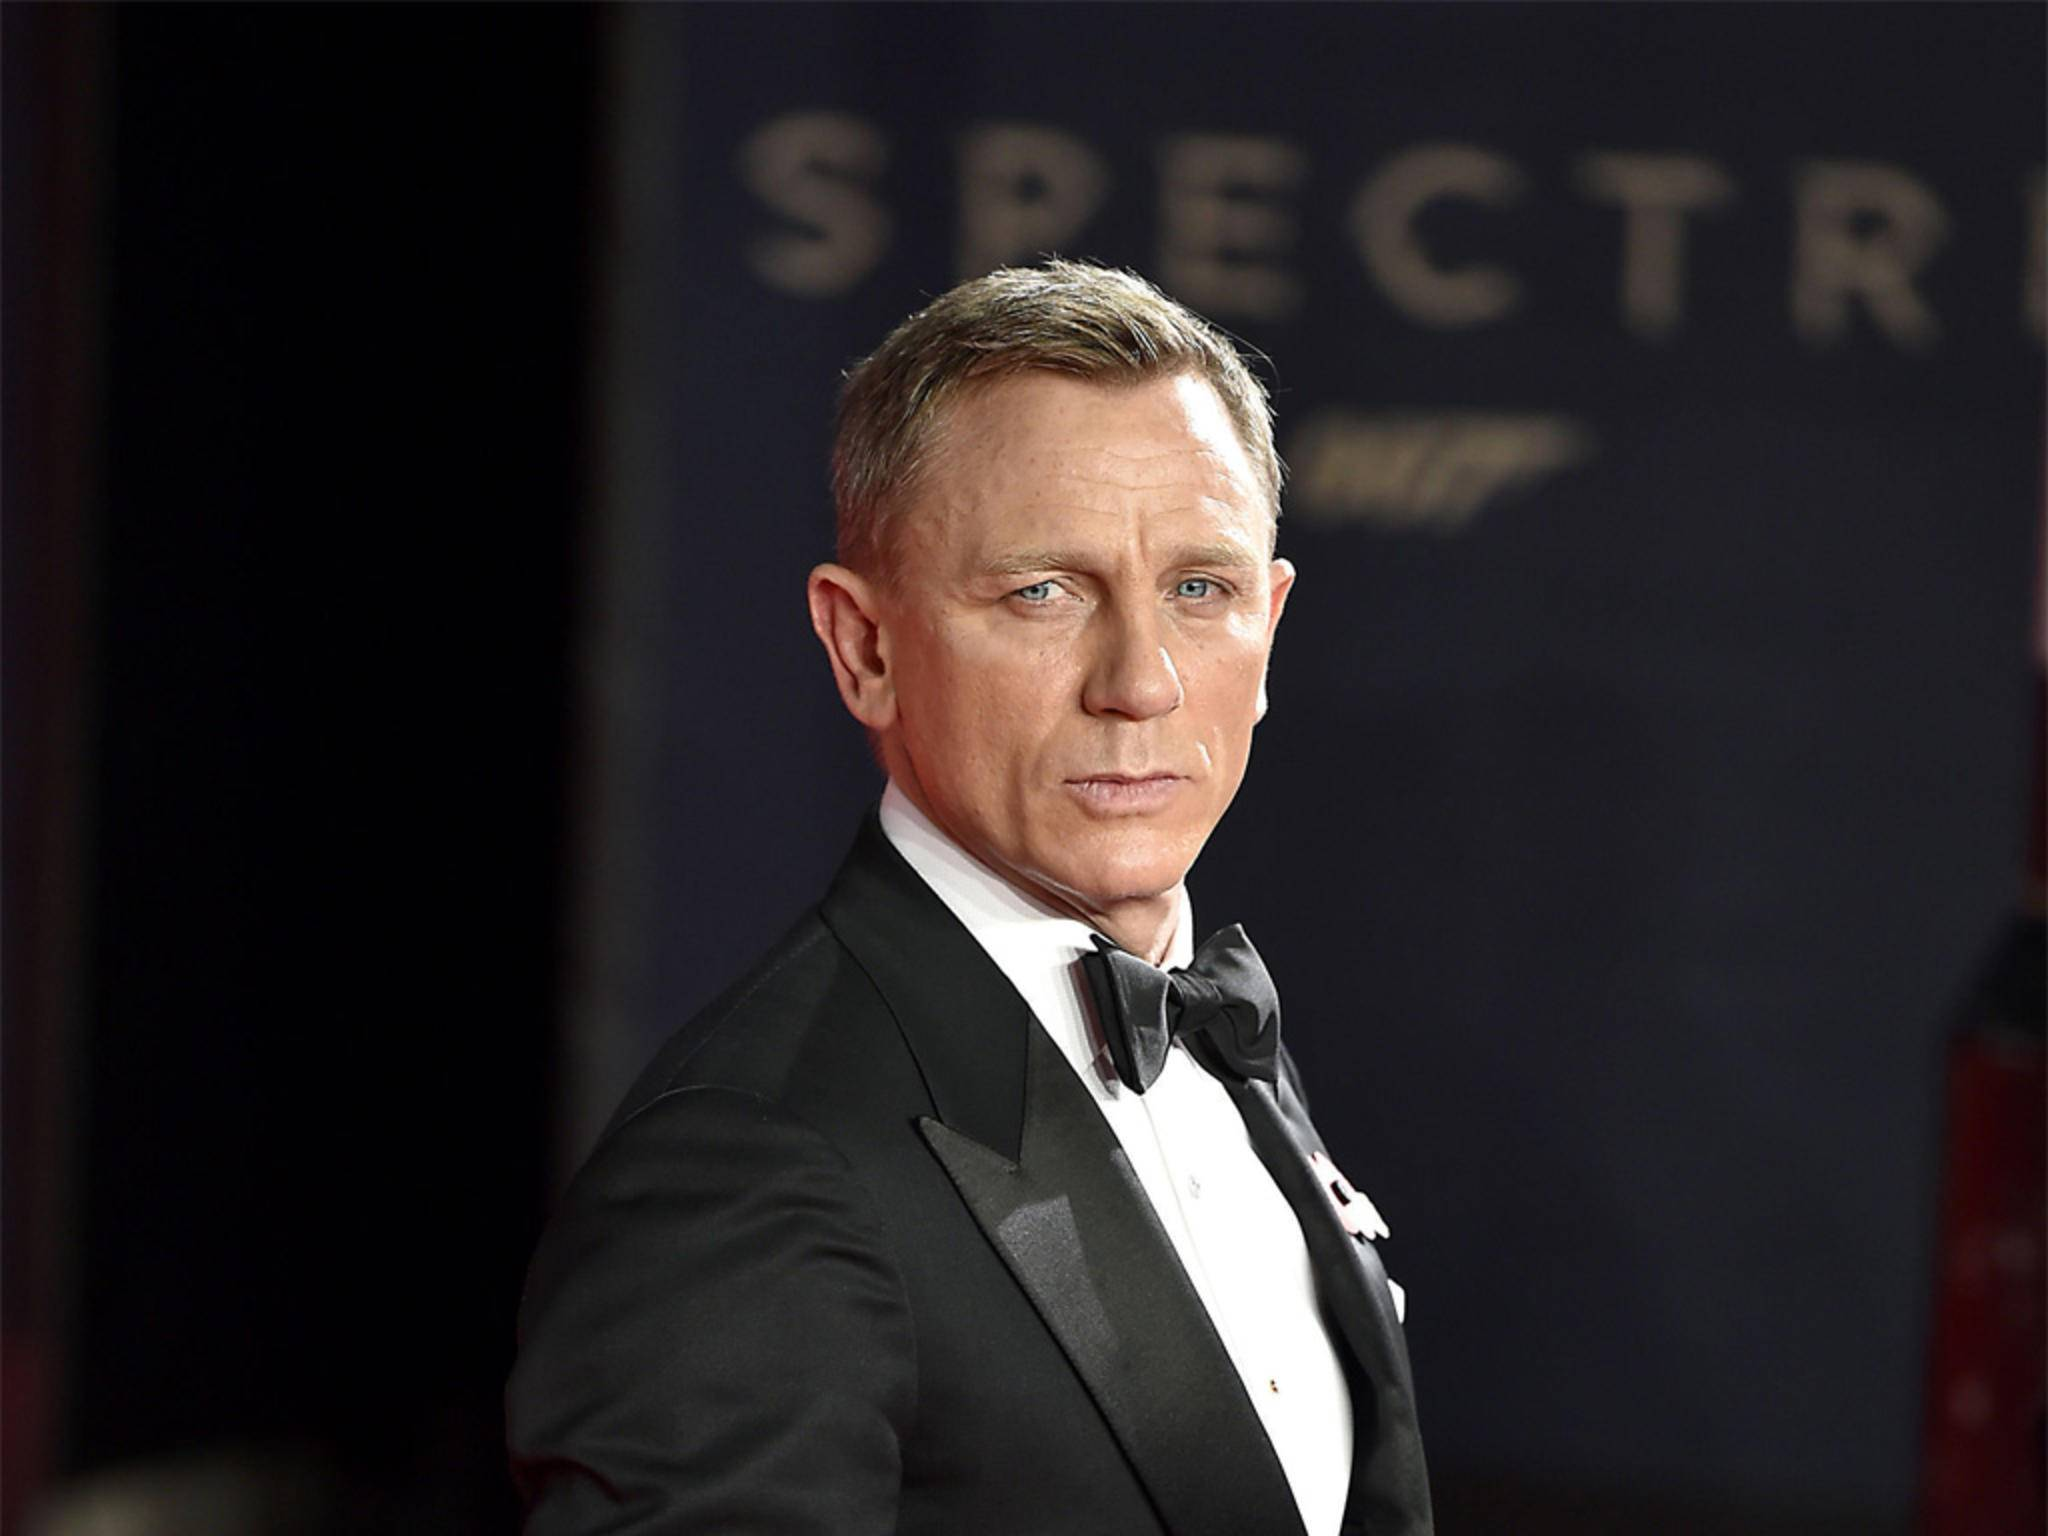 Lässt sich Daniel Craig erweichen?